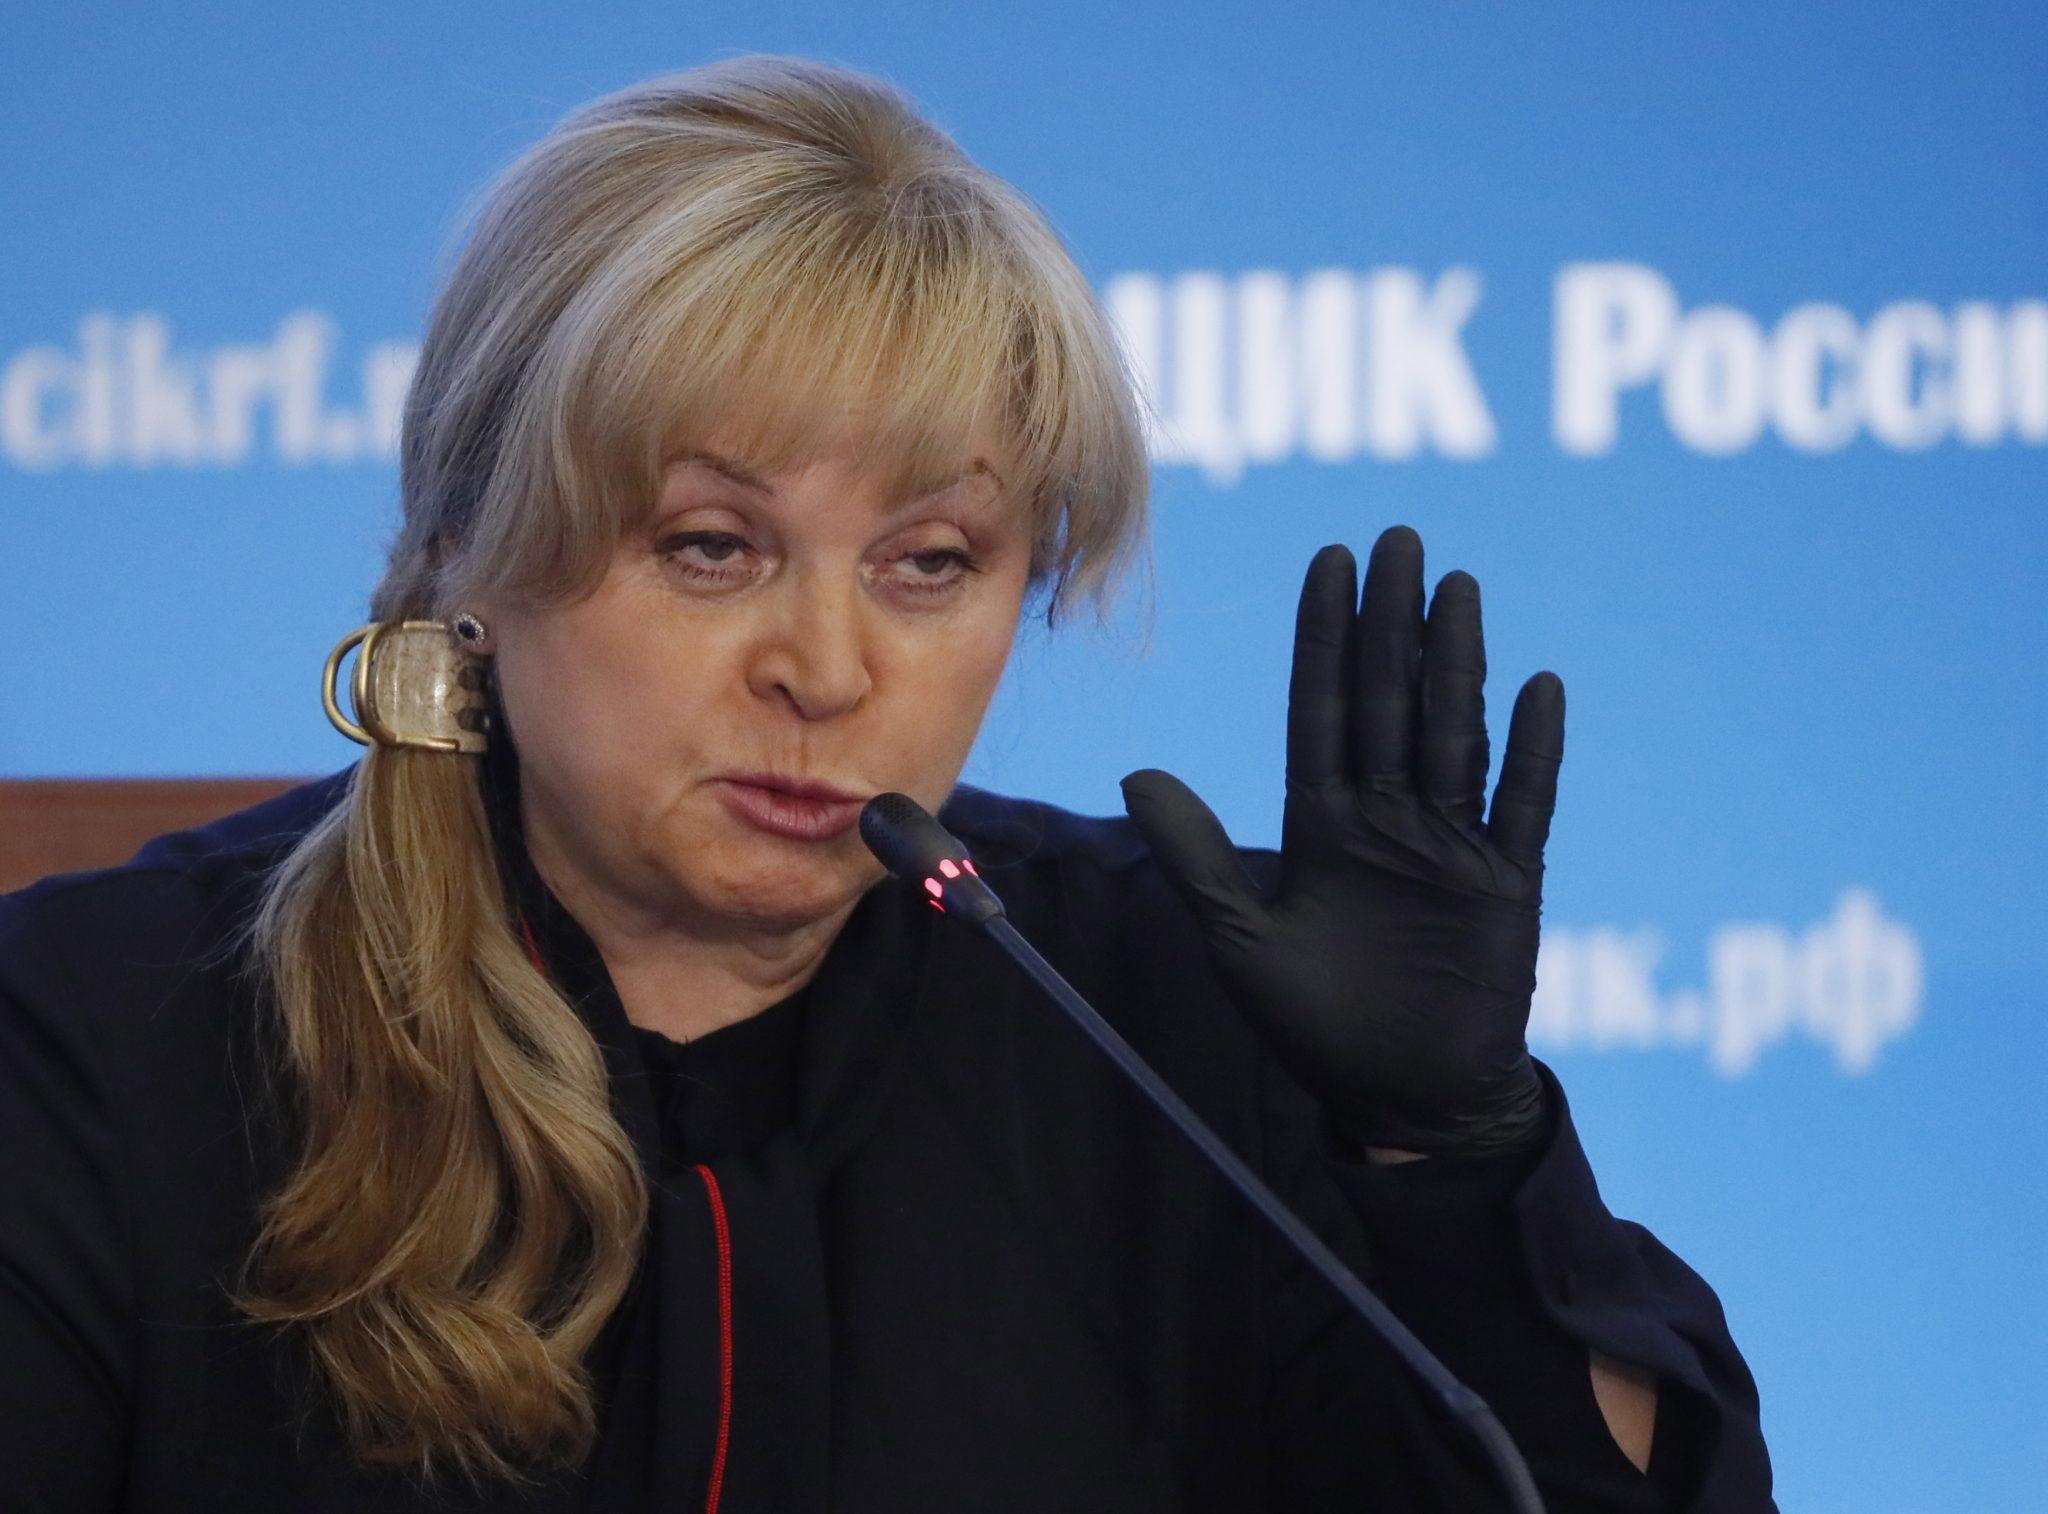 20200723_11-19-Памфилова объяснила исчезновение опроса о многодневном голосовании из твиттера ЦИК-pic1